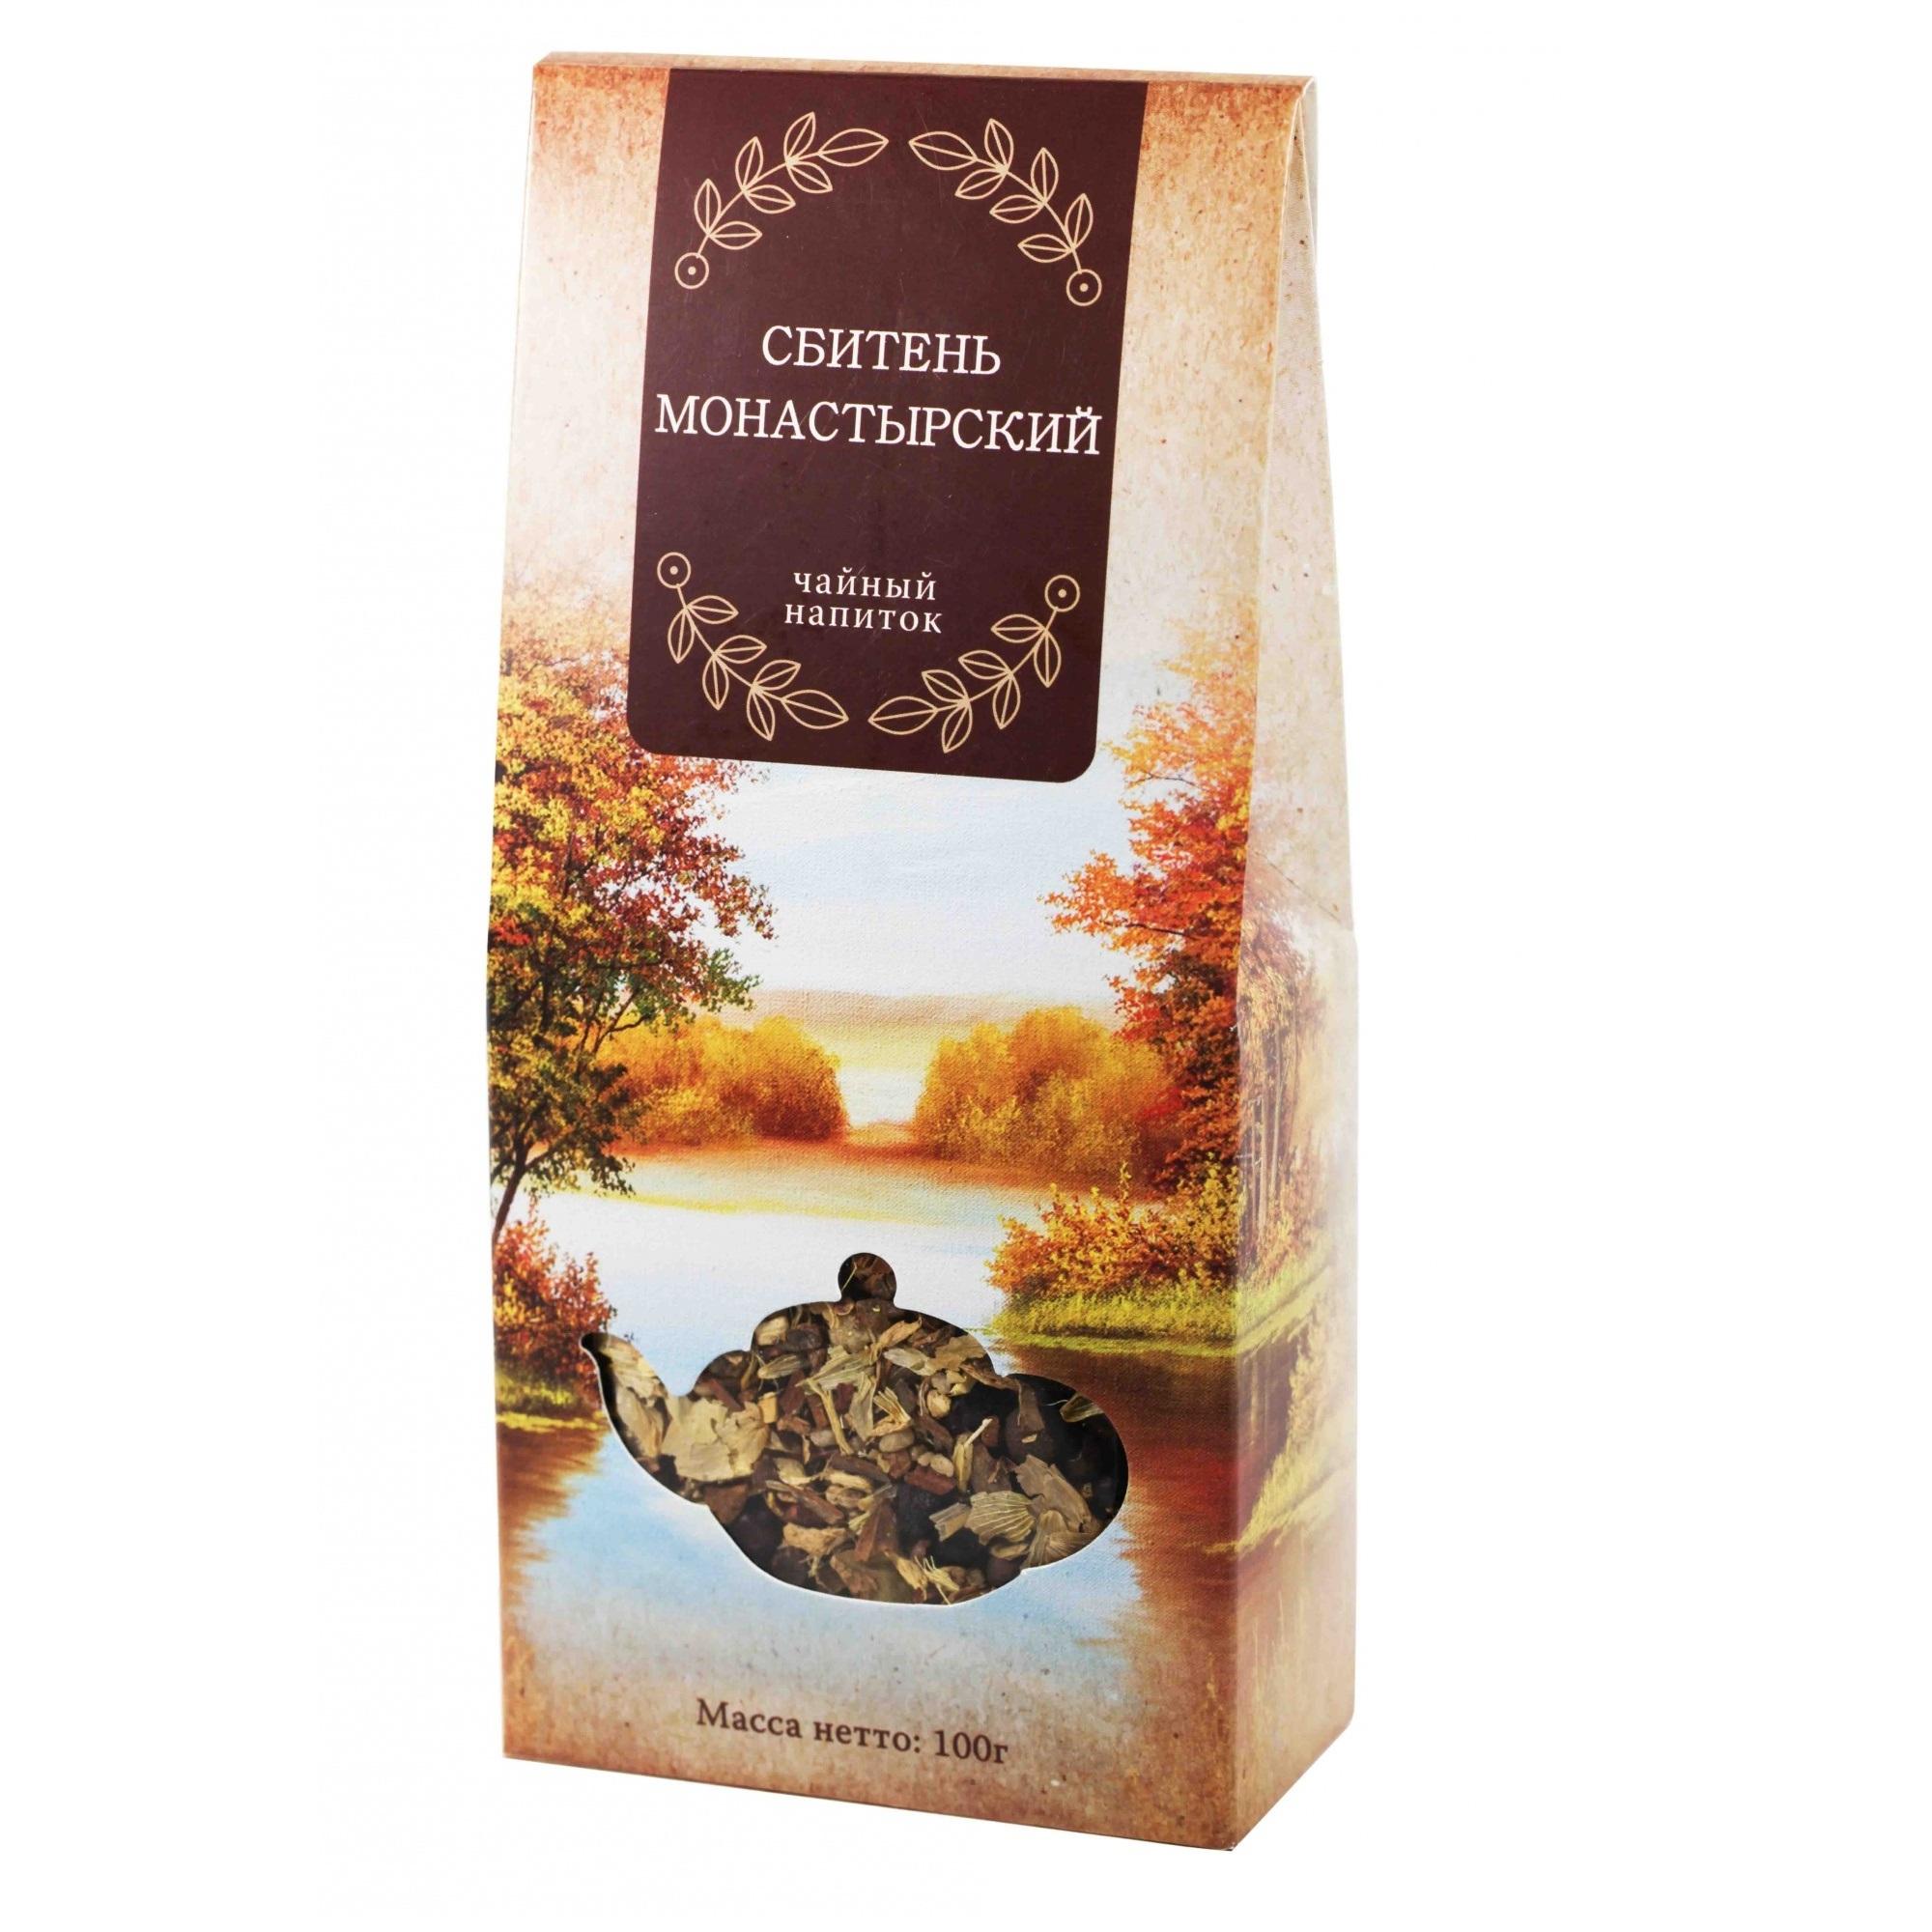 Чай травяной Cбитень монастырский, 100 г